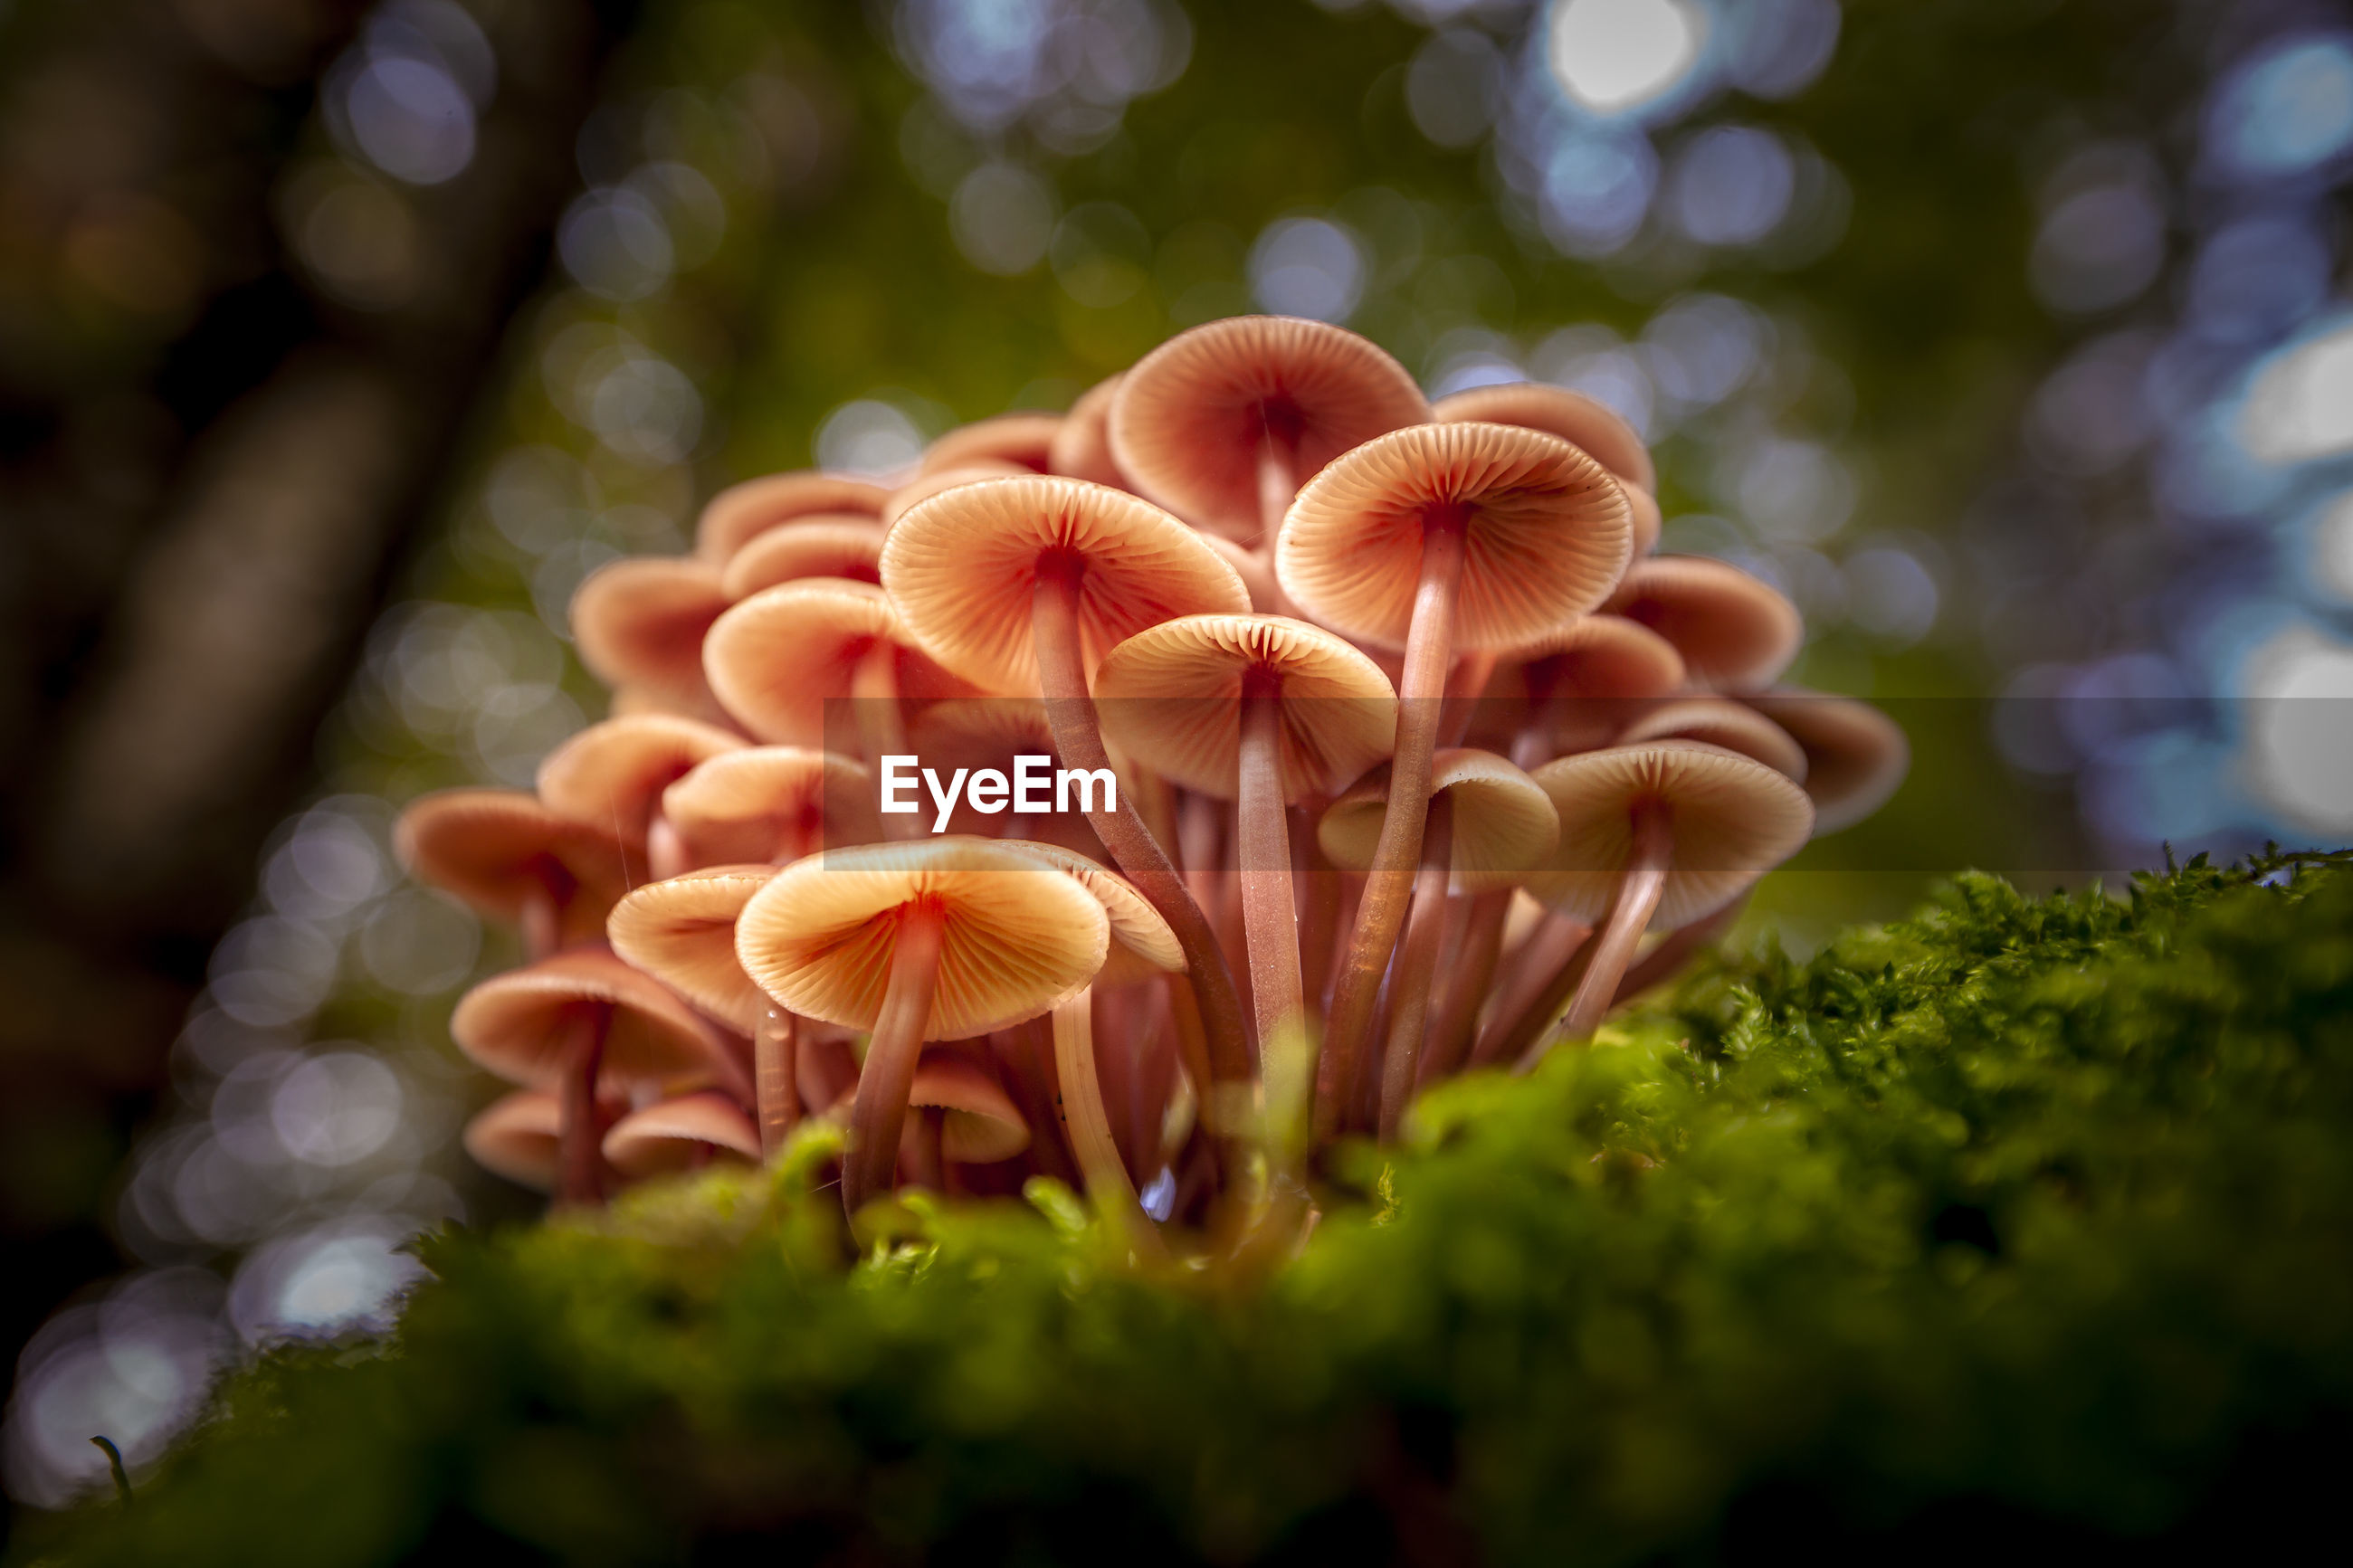 CLOSE-UP OF MUSHROOM GROWING IN GARDEN